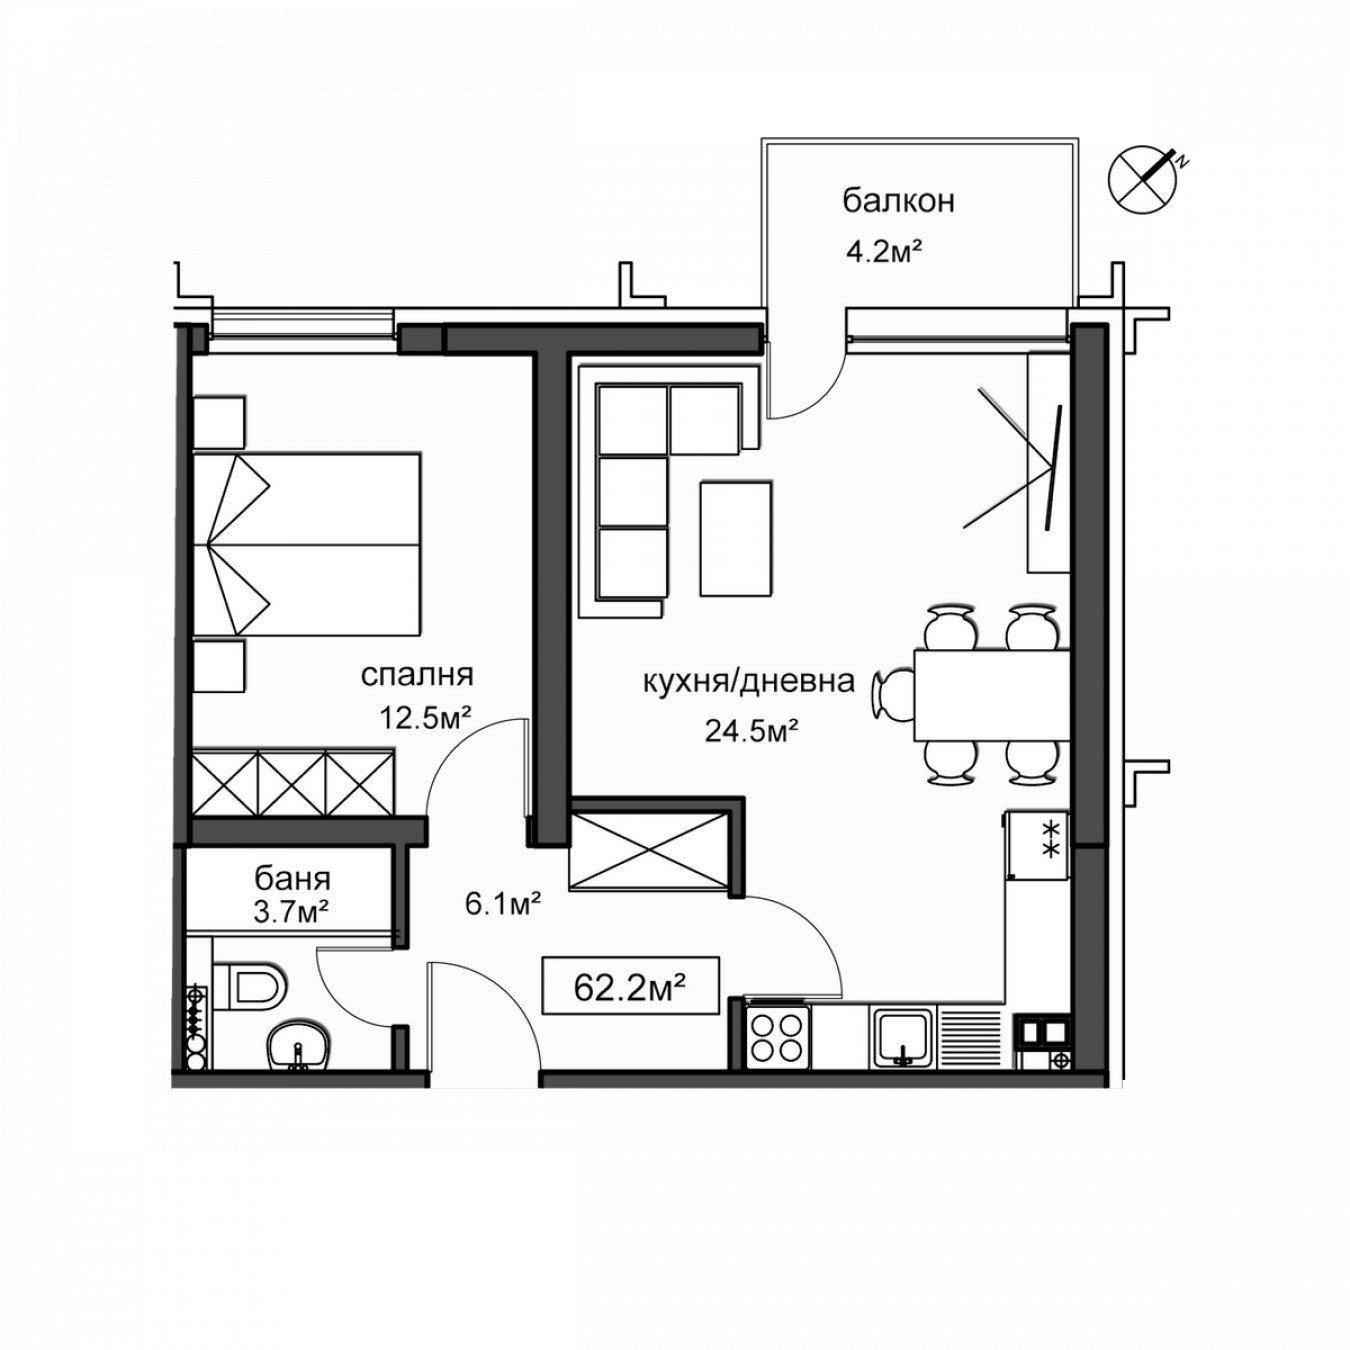 Архитектурни планове на Комплекс Нове Хоумс - Сграда А